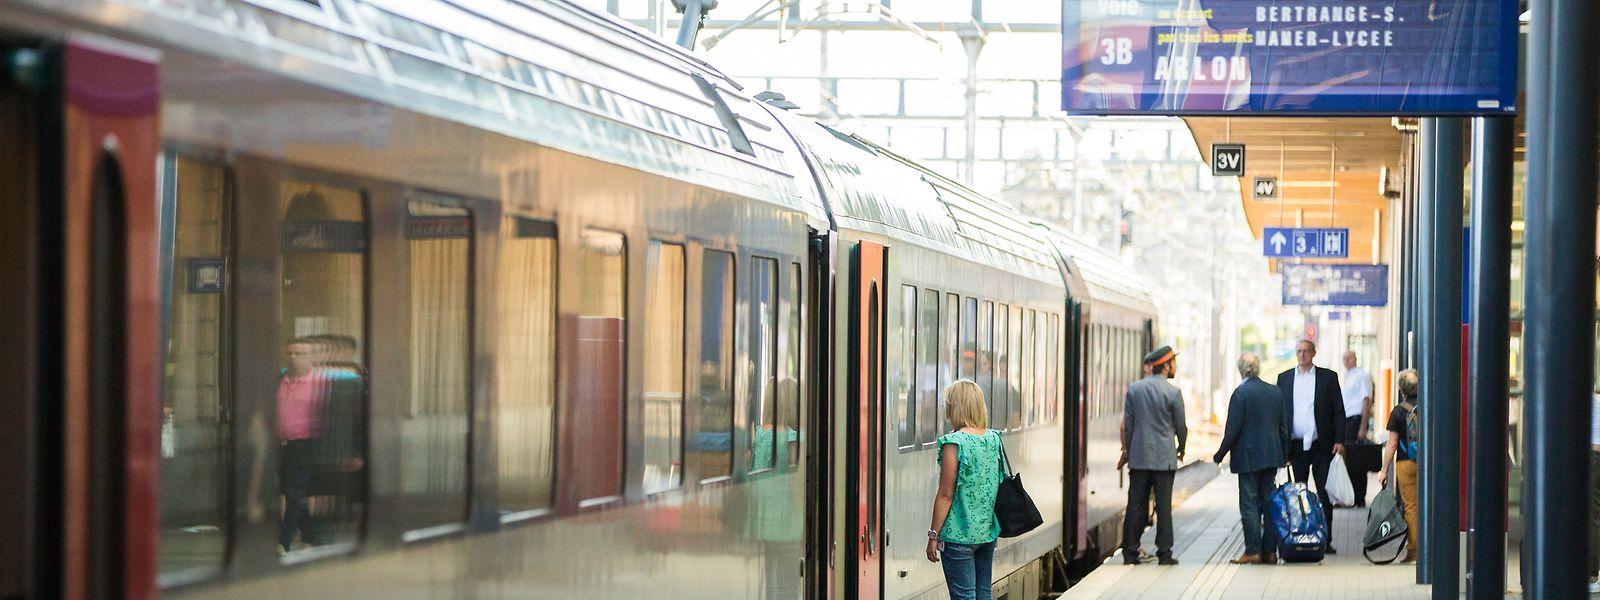 45% du matériel roulant en Belgique fin 2018 étaient déjà aux normes.